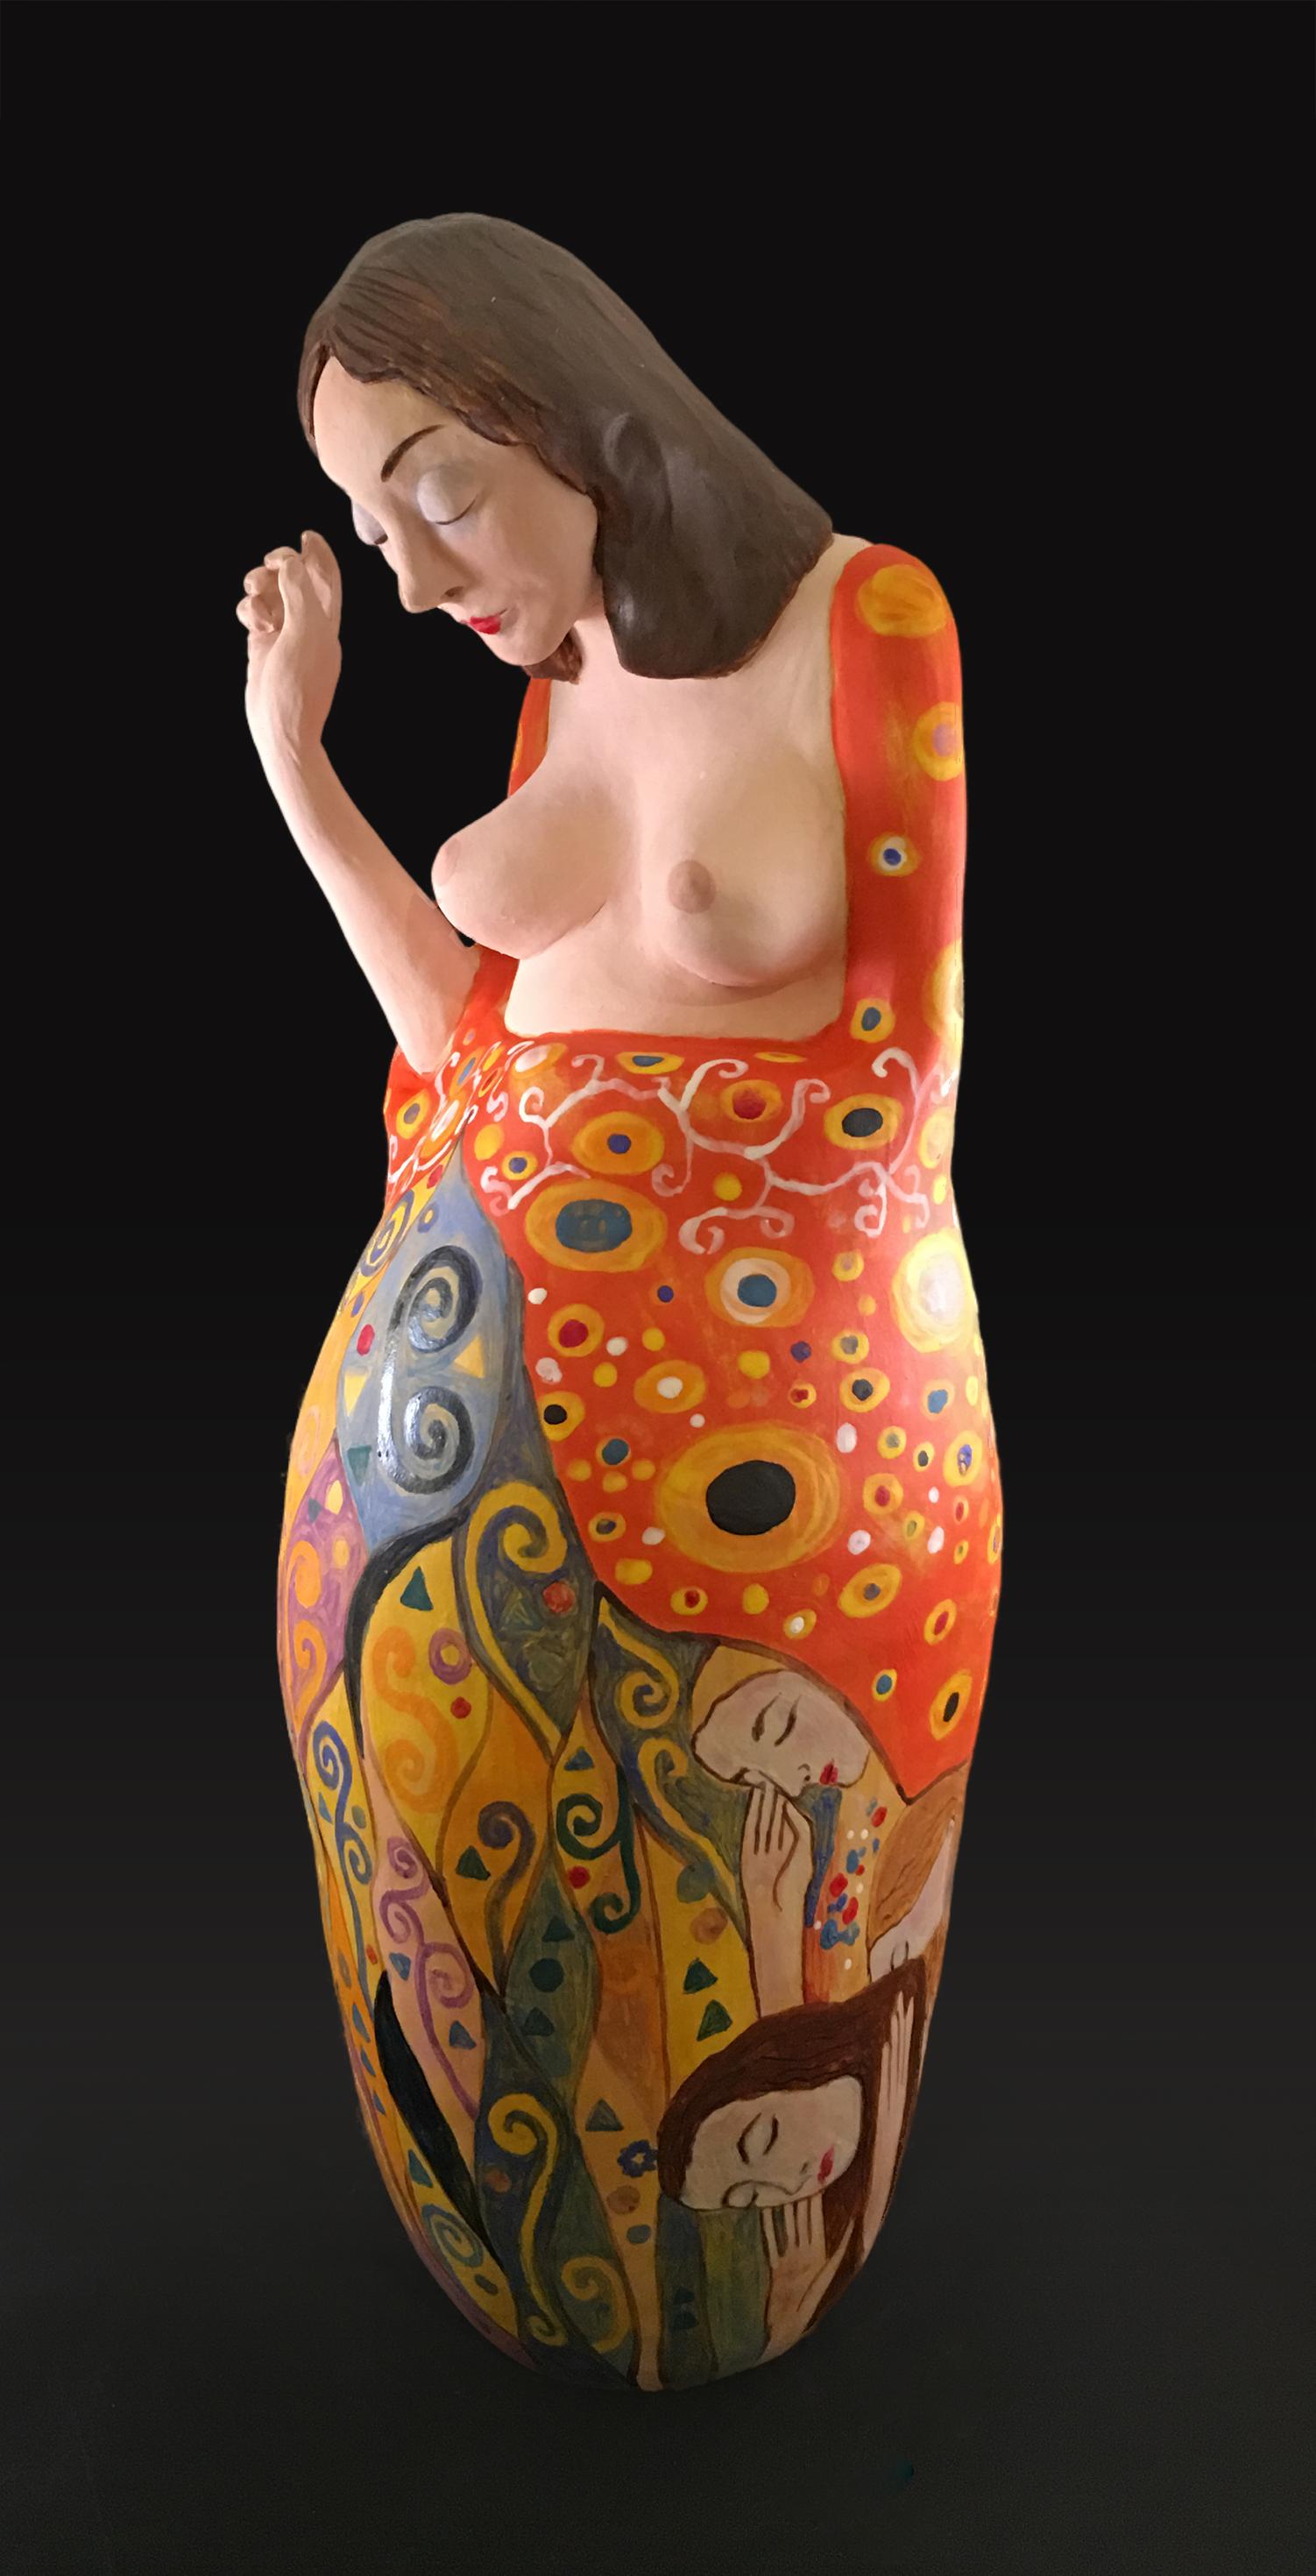 Sculpture 2 (based on Hope II (Klimt))